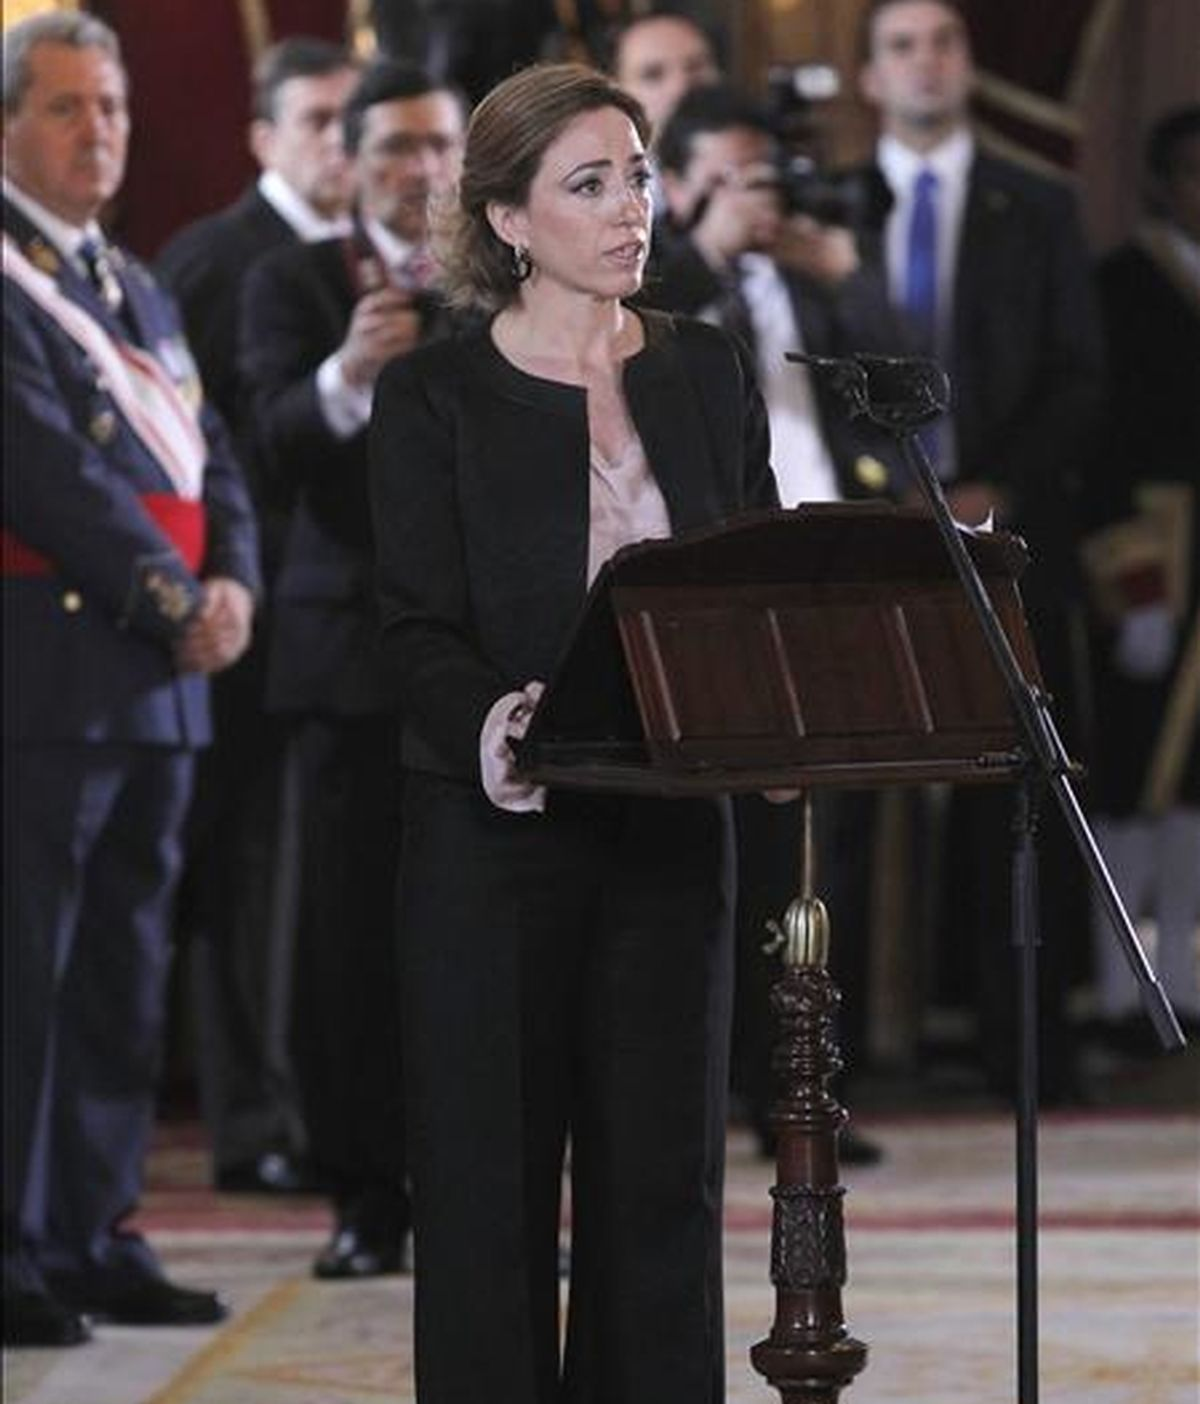 La ministra de Defensa, Carme Chacón, durante su intervención en el acto que, presidido por el rey, se ha celebrado en el Palacio Real con motivo de la Pascua Militar. EFE